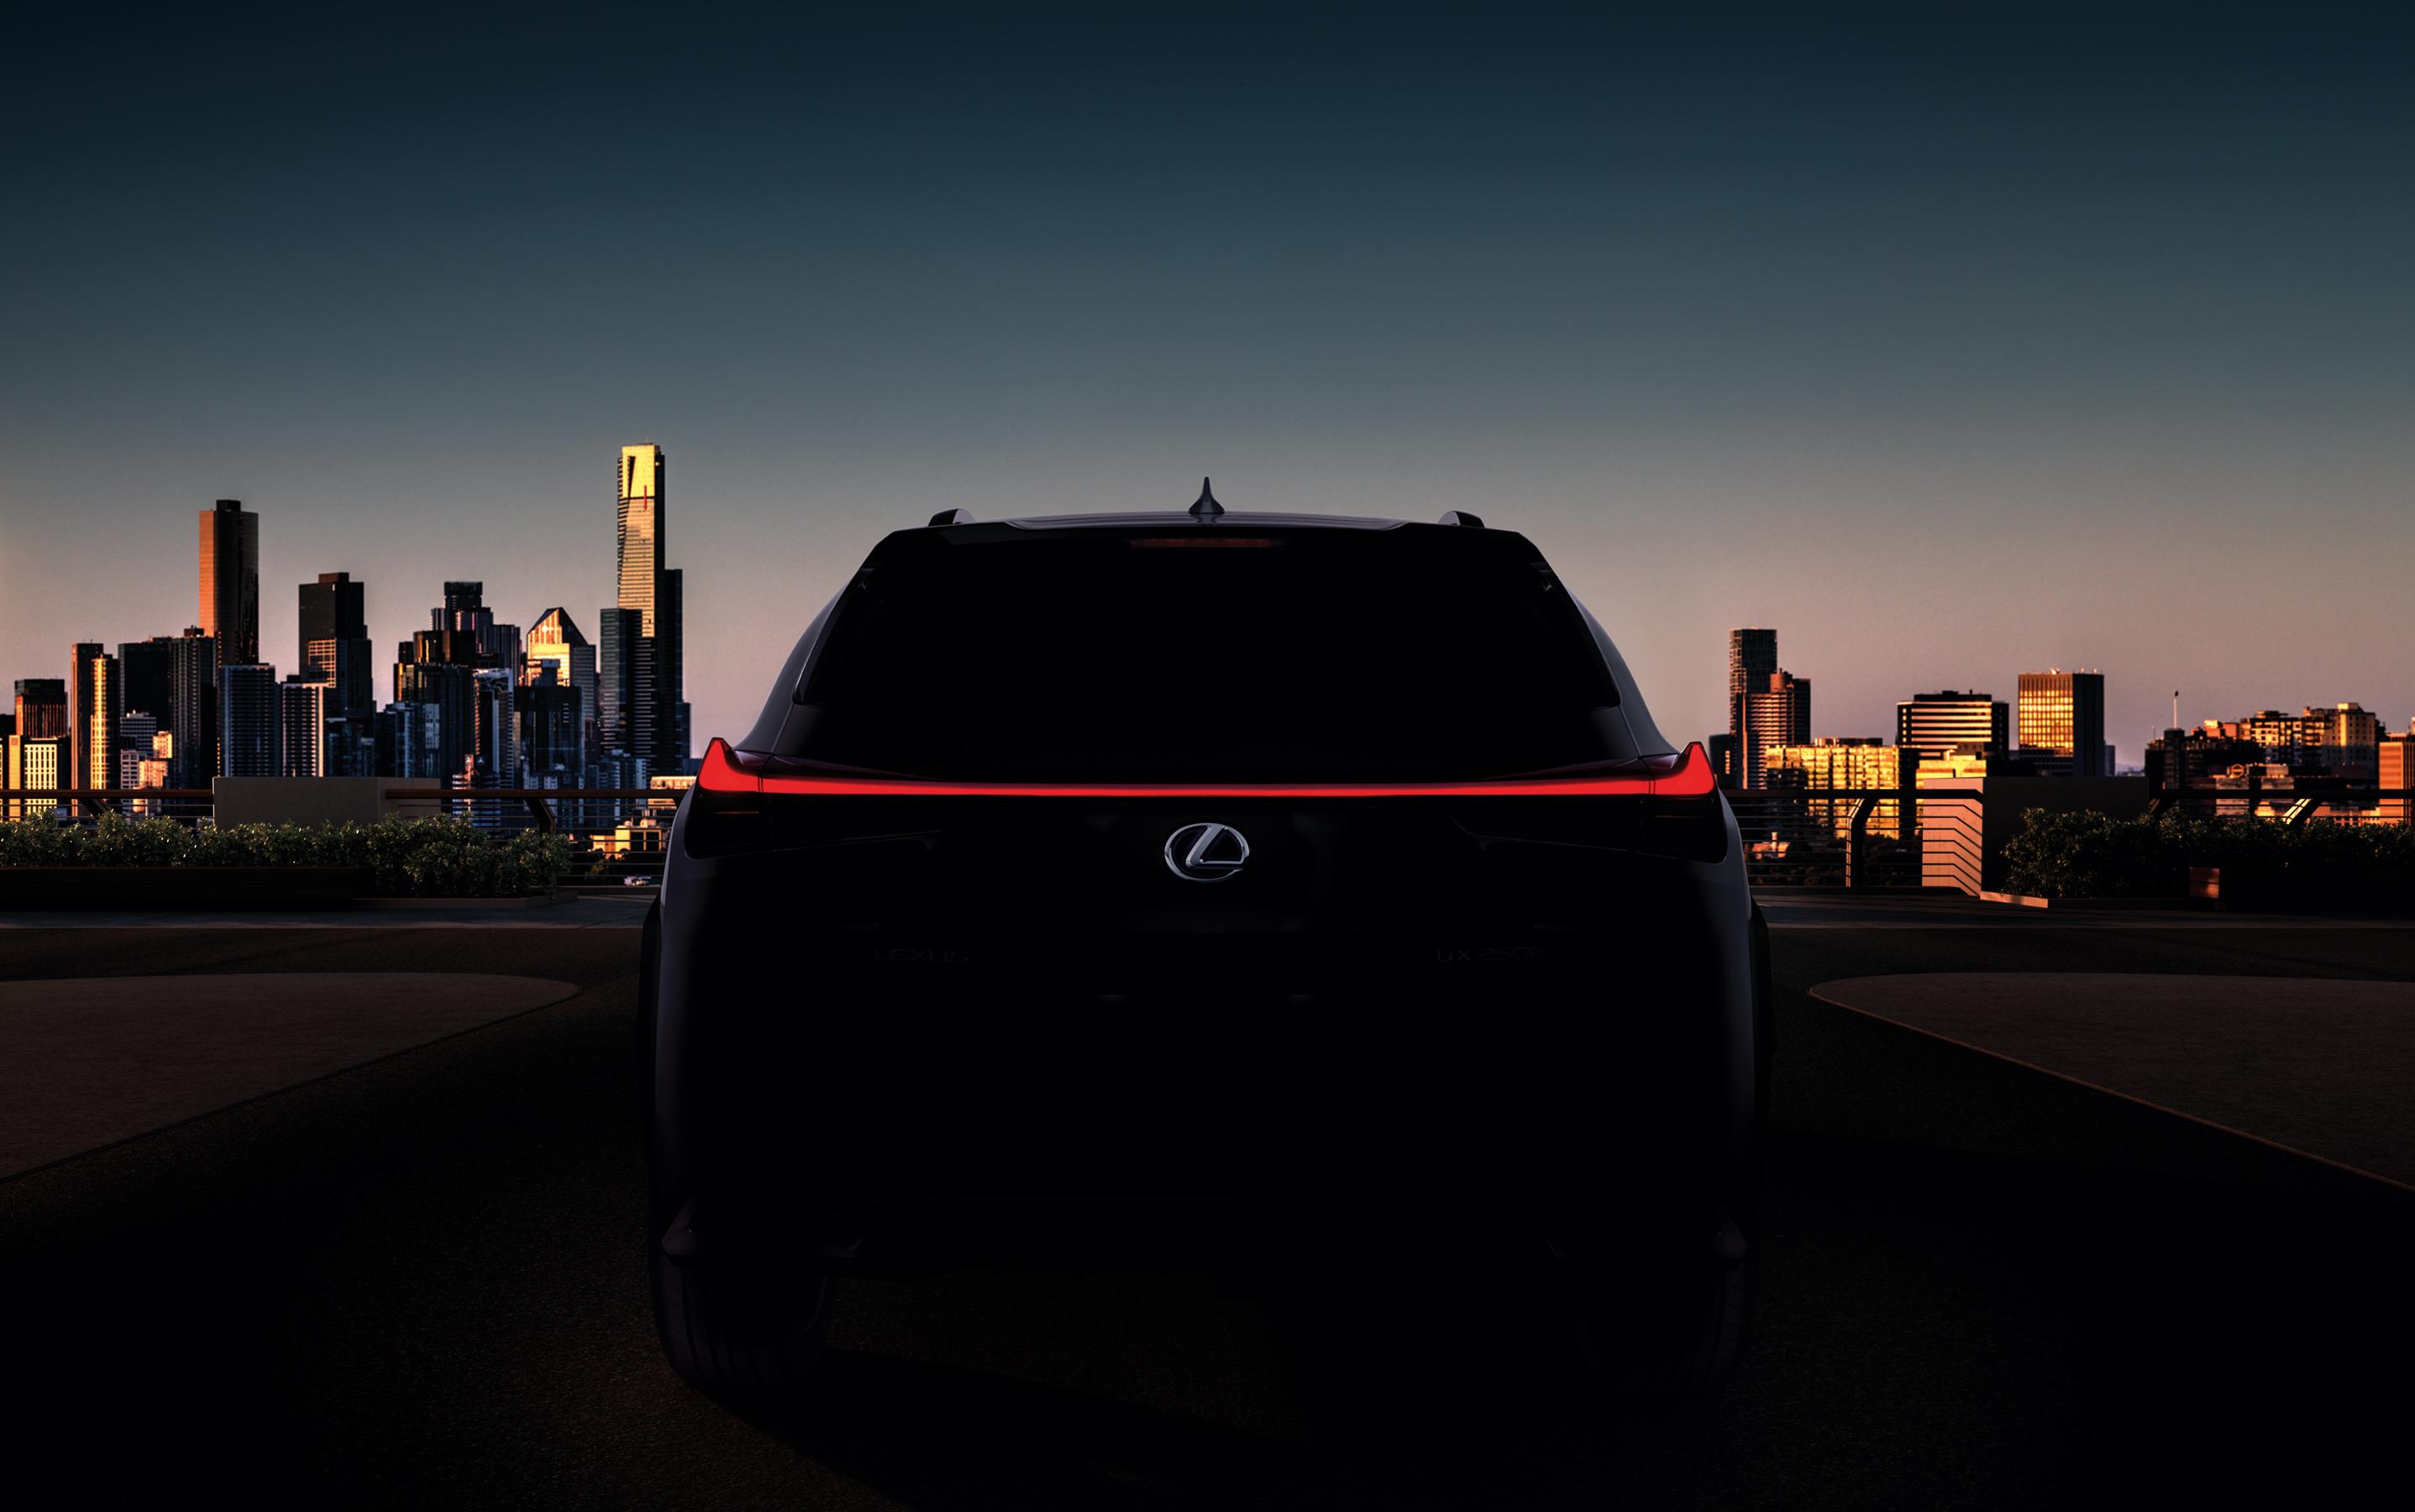 全新雷克萨斯UX将于2018日内瓦车展全球首发